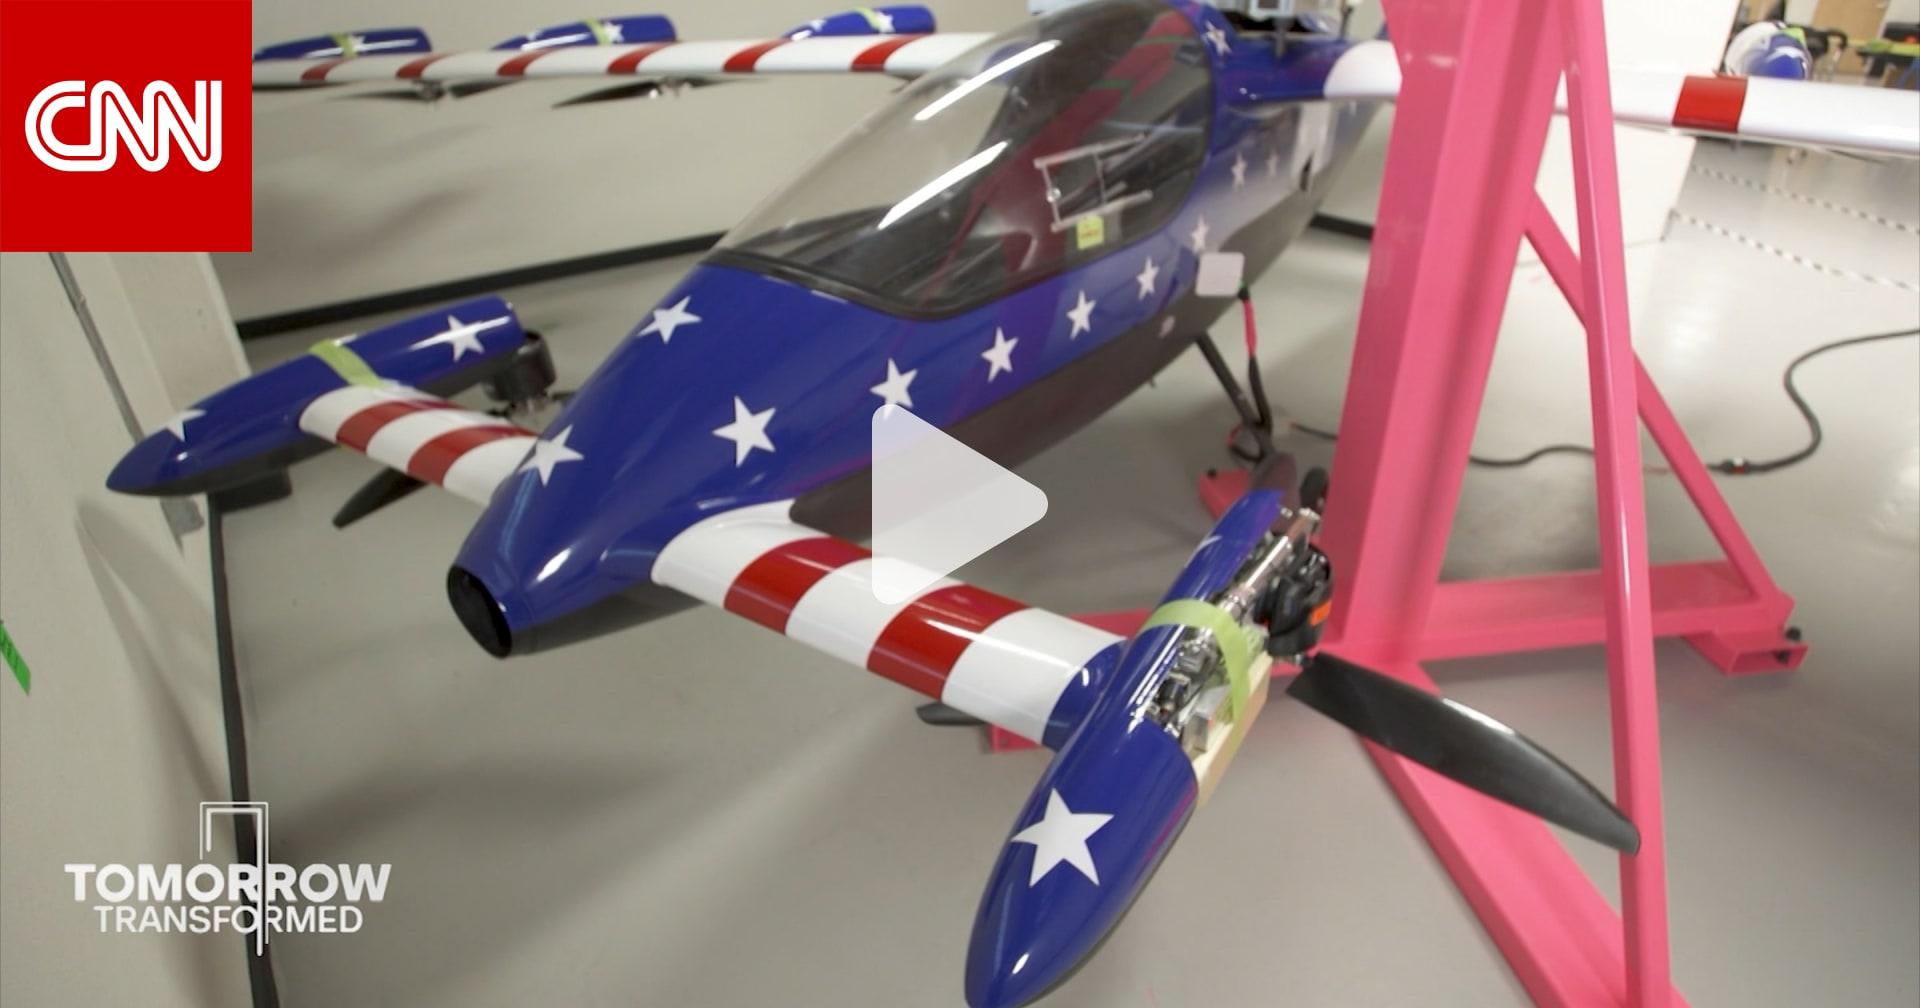 السيارات الطائرة ذاتية القيادة.. هل تحرّر العالم من الازدحام المروري؟